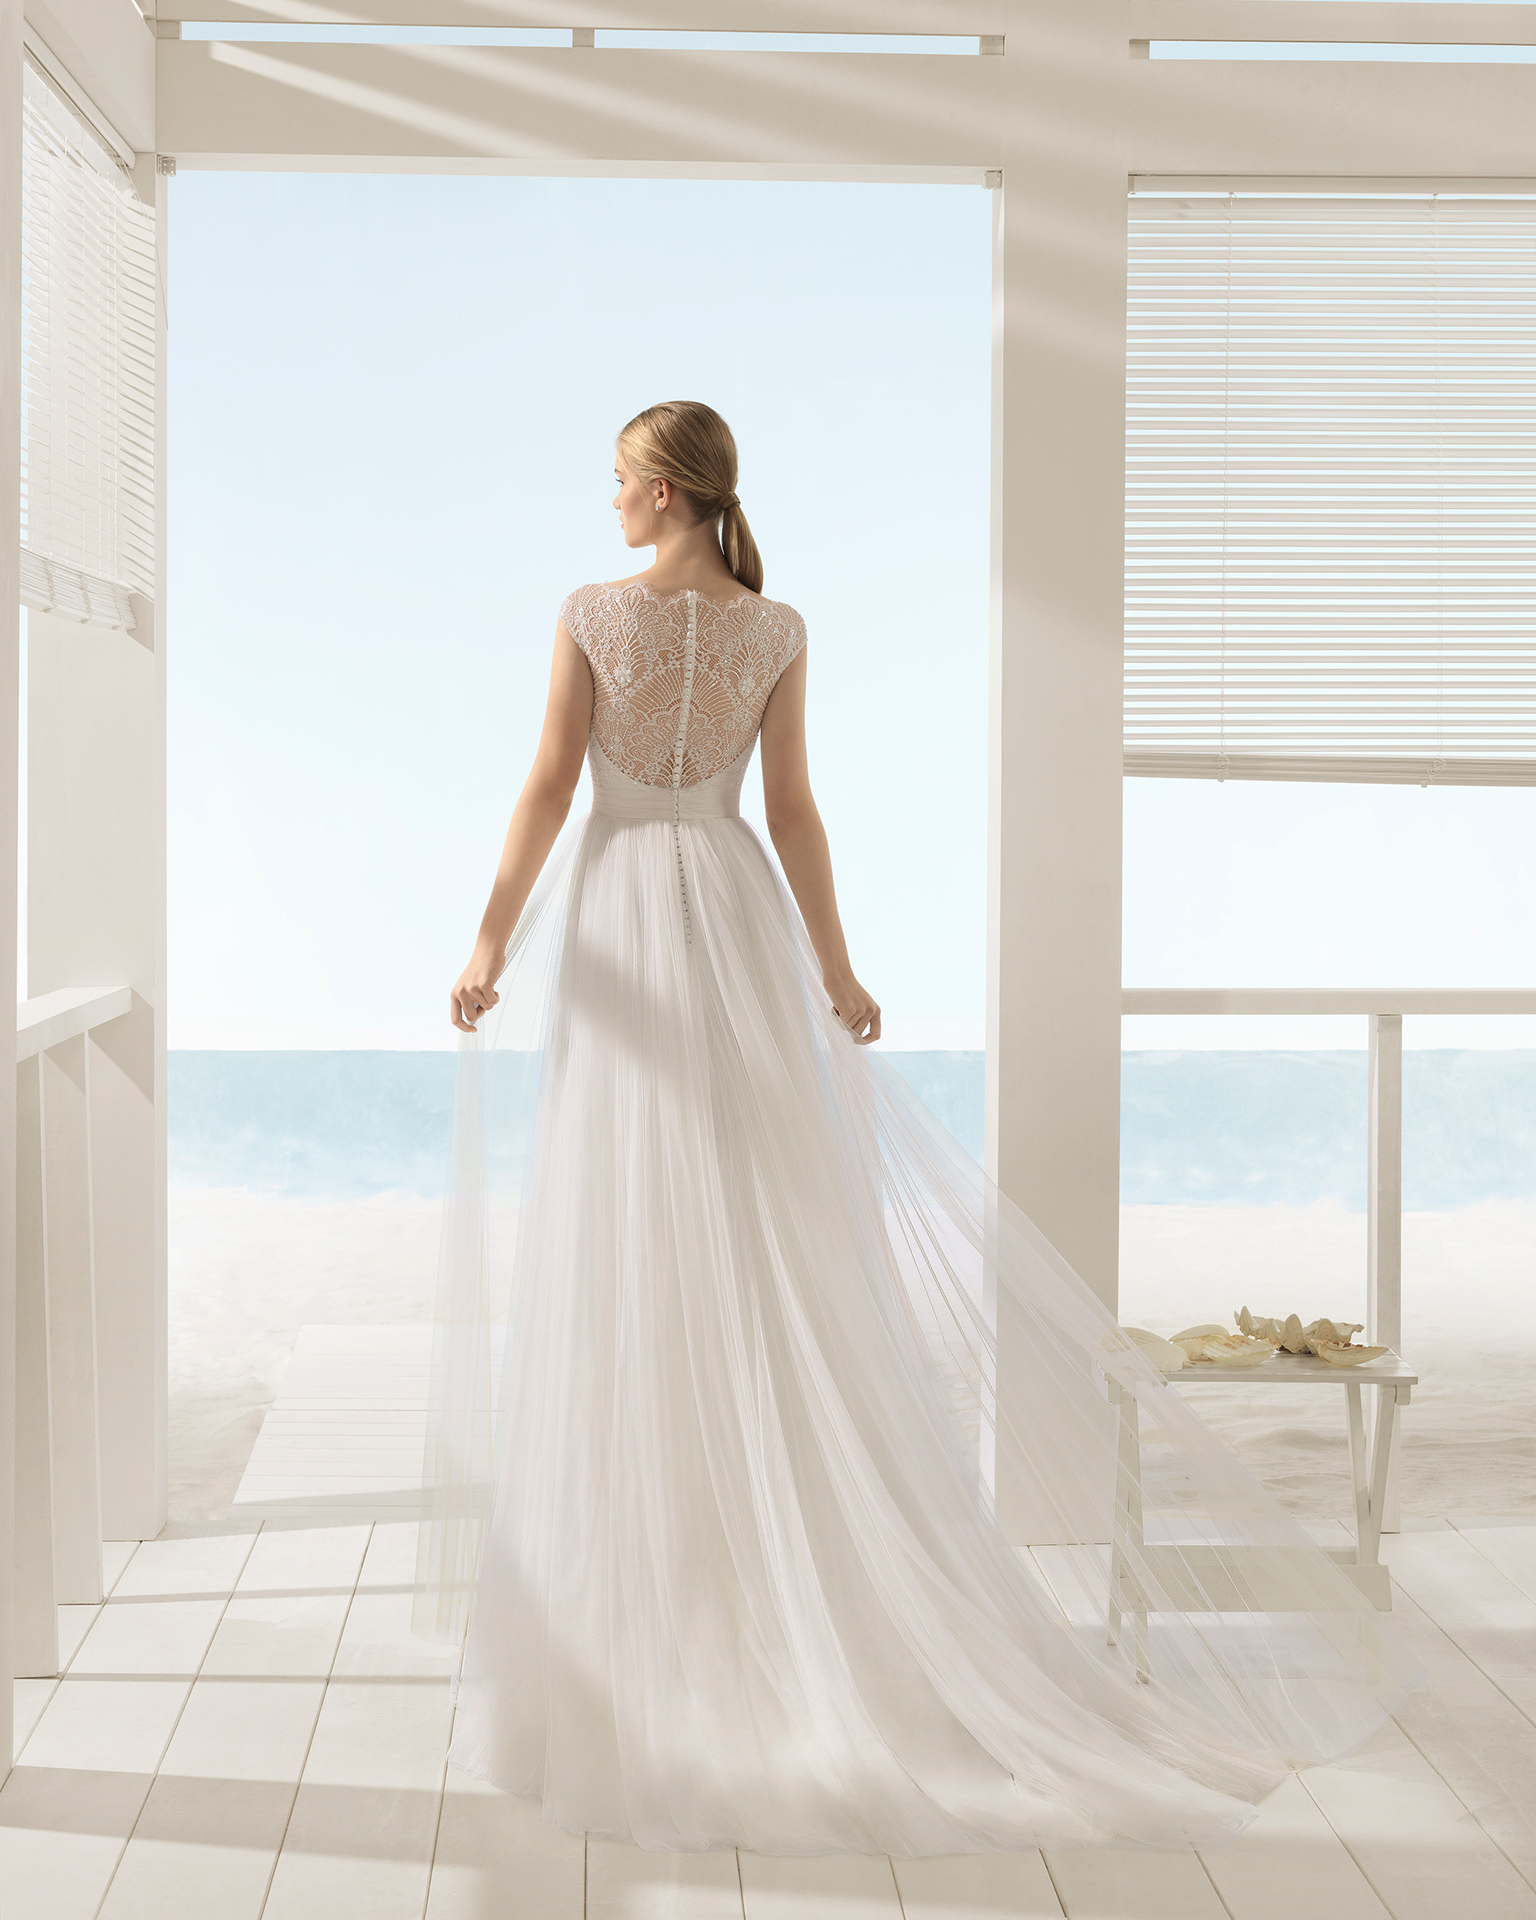 Robe de mariée style trapèze en tulle et dentelle avec pierreries, à manches courtes avec décolleté dans le dos.